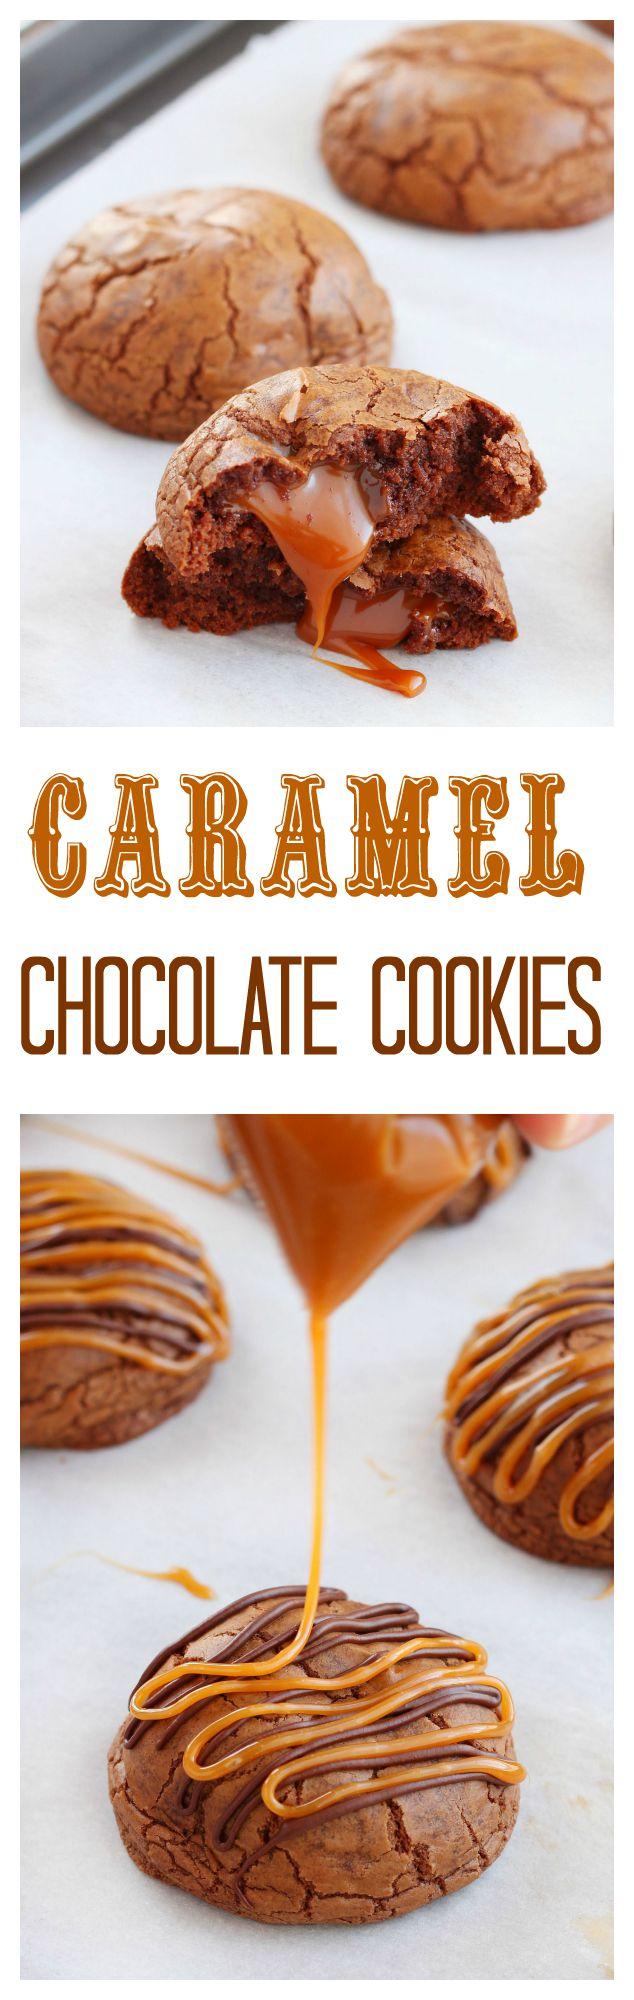 카라멜 초콜릿 쿠키